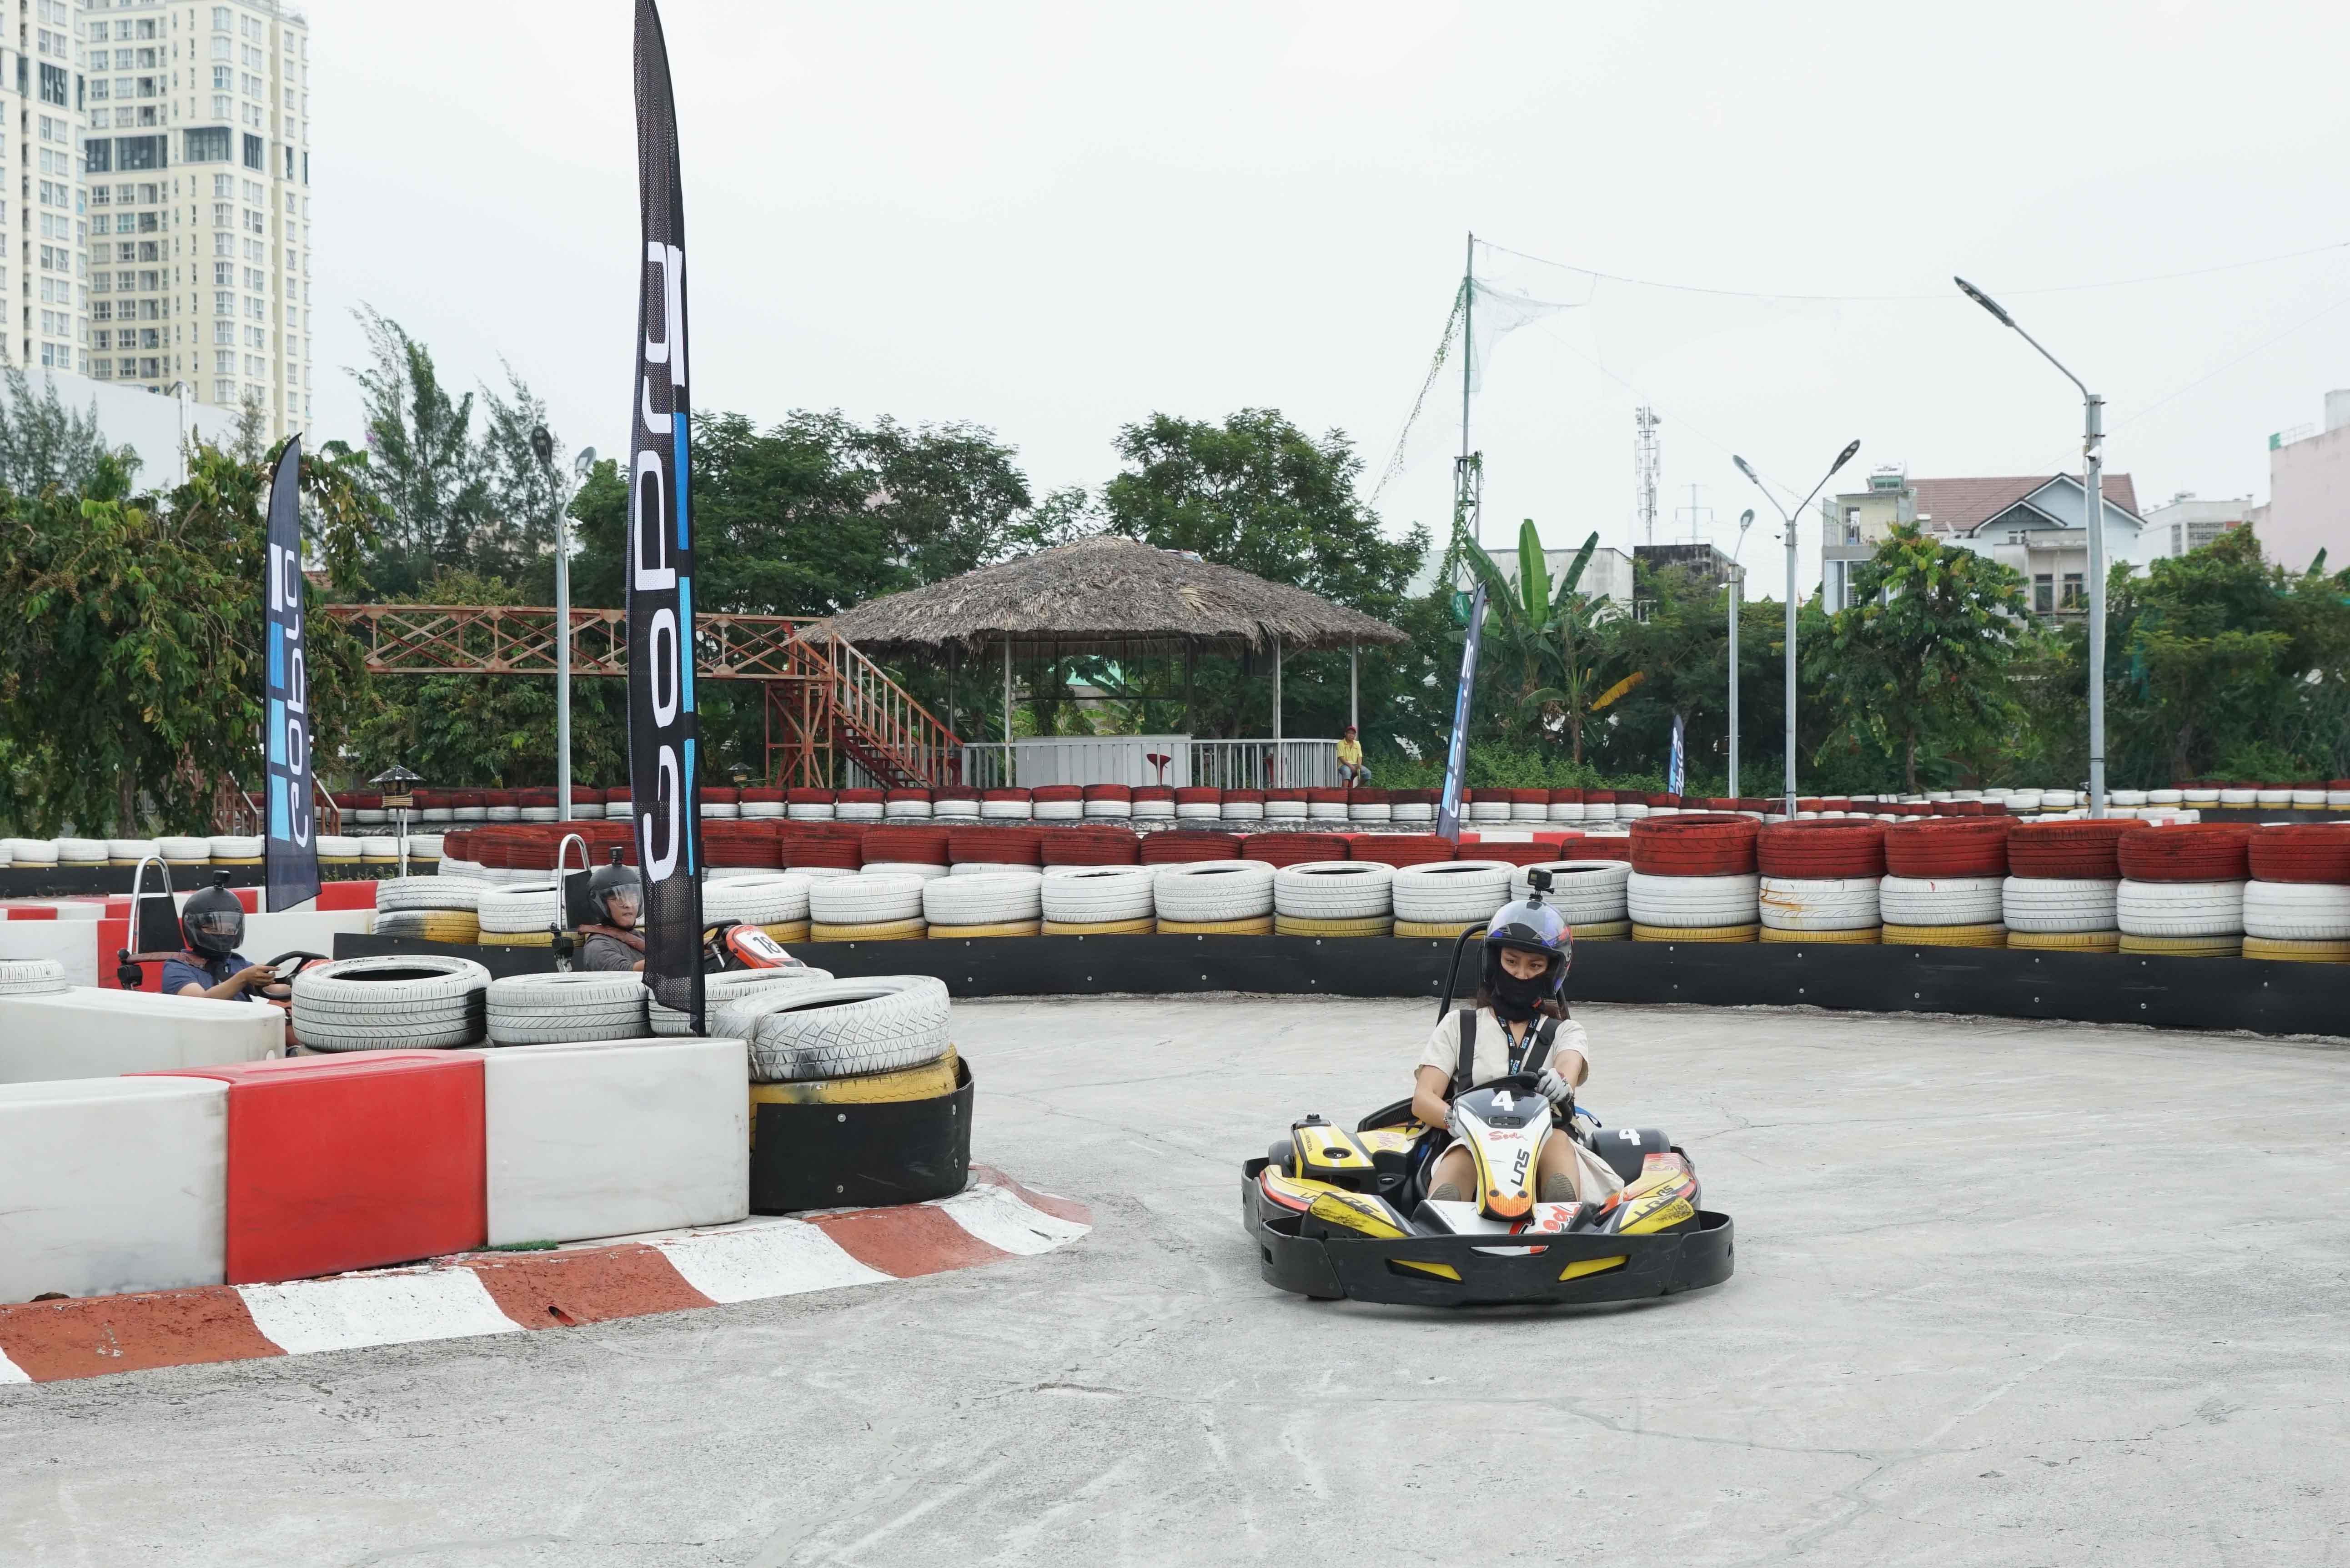 Cuối tuần, giới trẻ Sài Gòn rủ nhau đi đua xe Go-Kart Ảnh 3